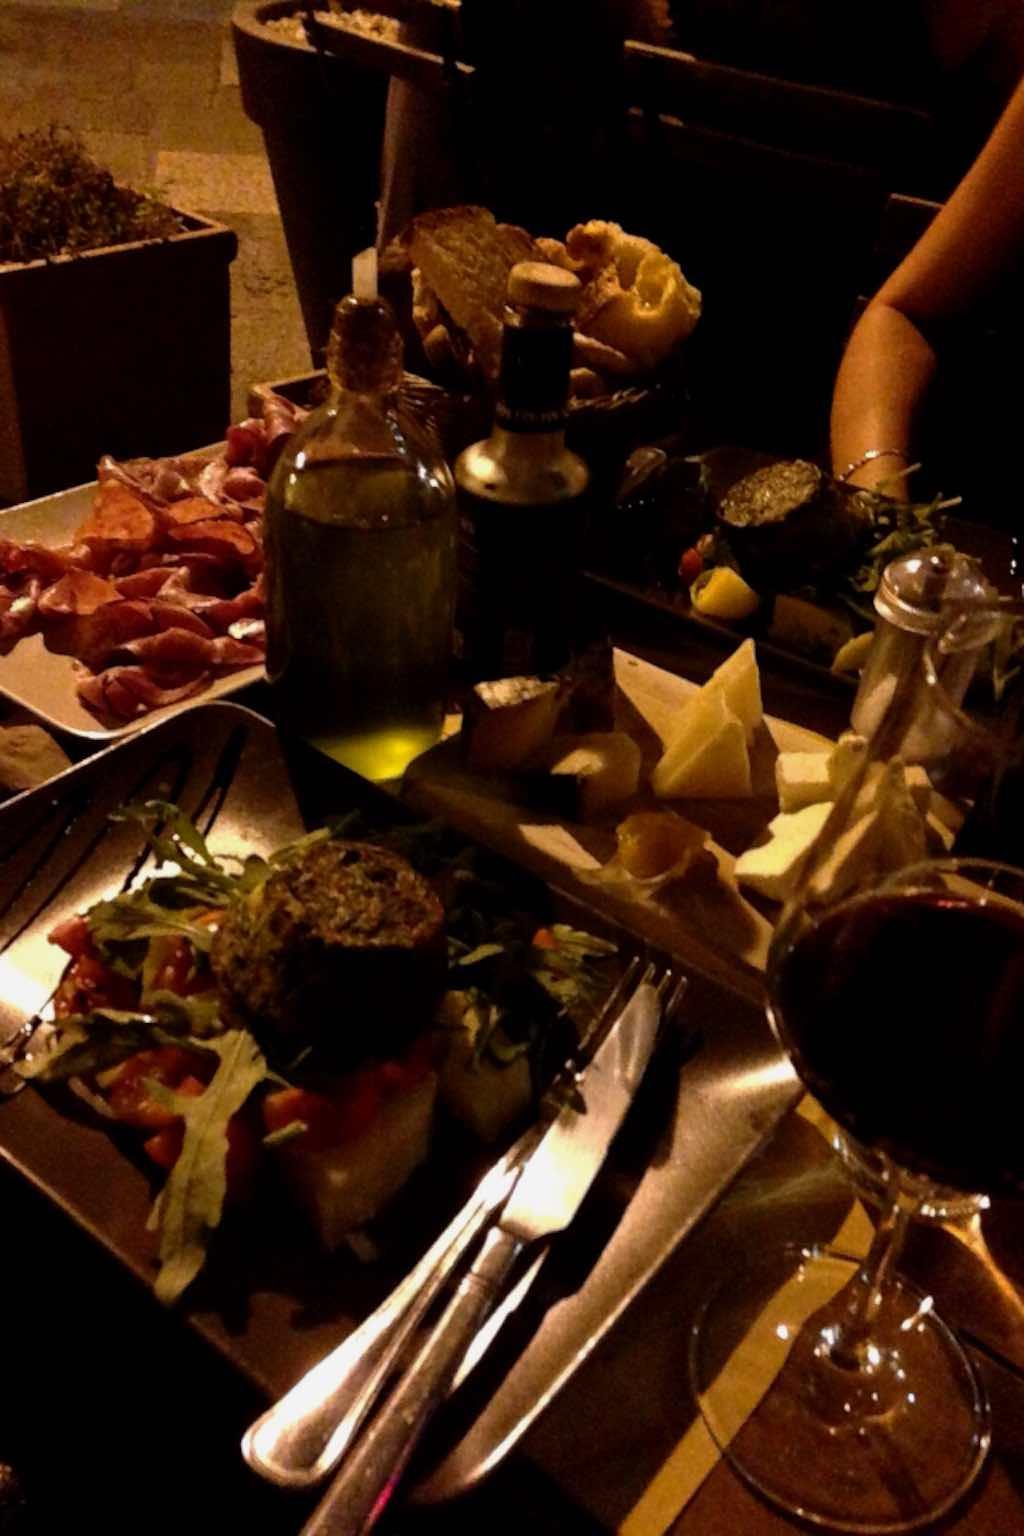 La cena da ristorante Doppiozero